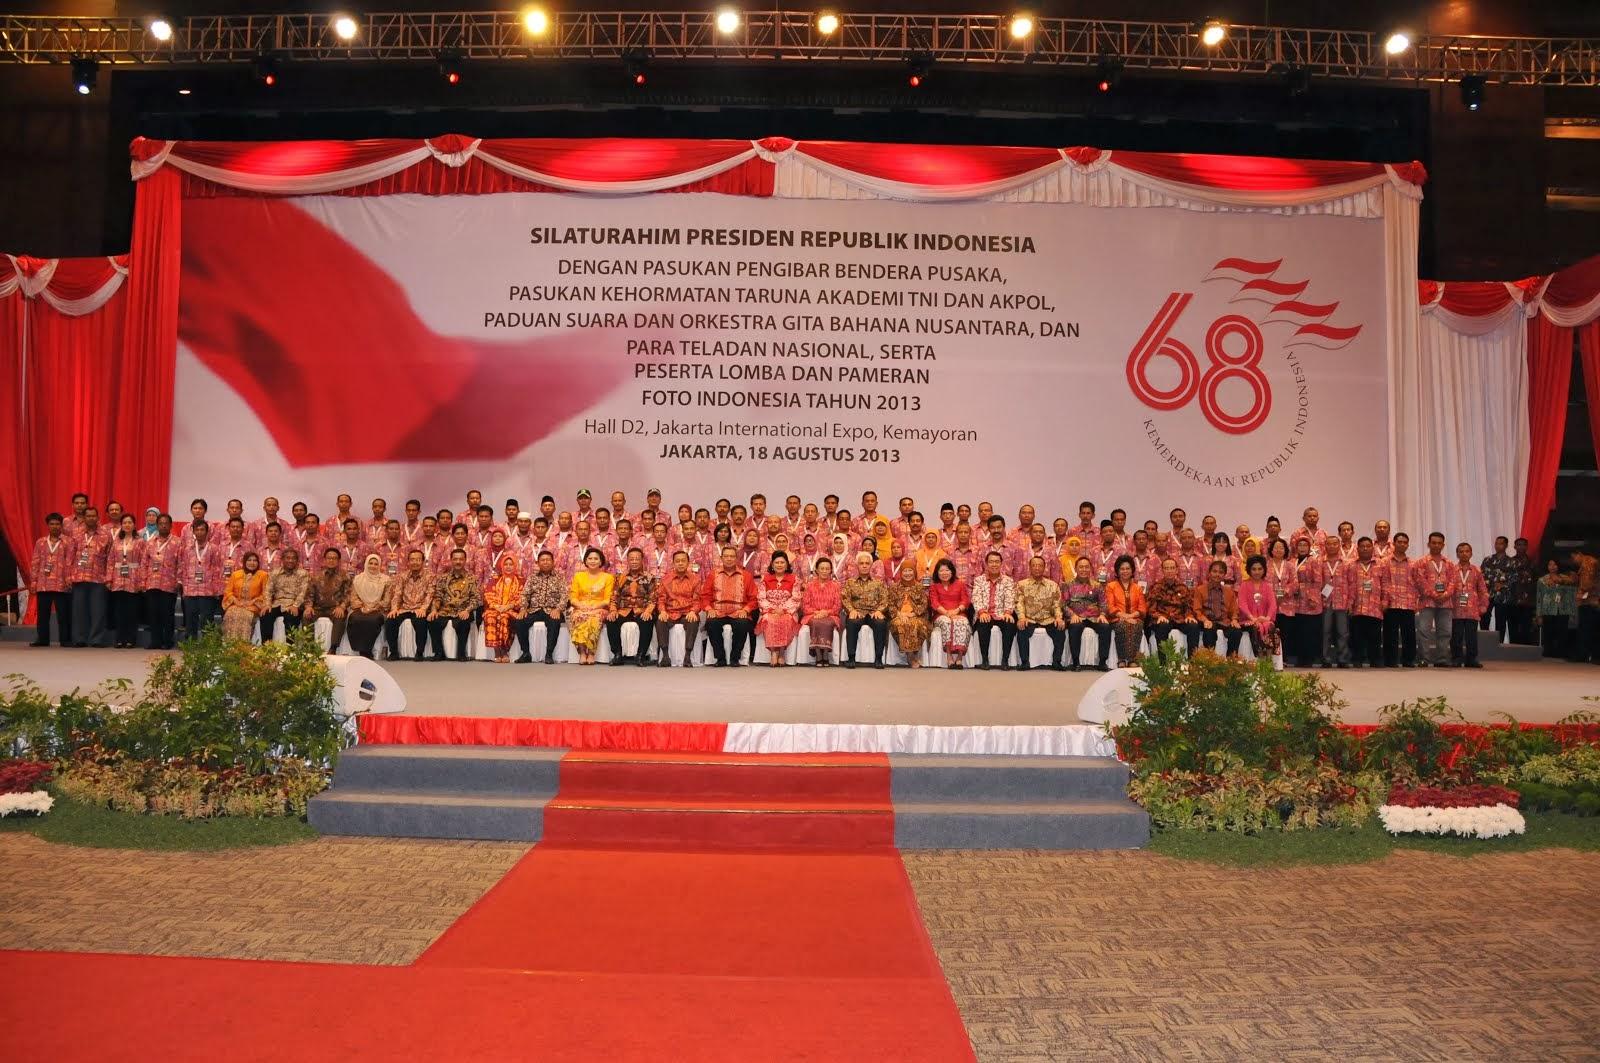 Poto Bersama Presiden SBY